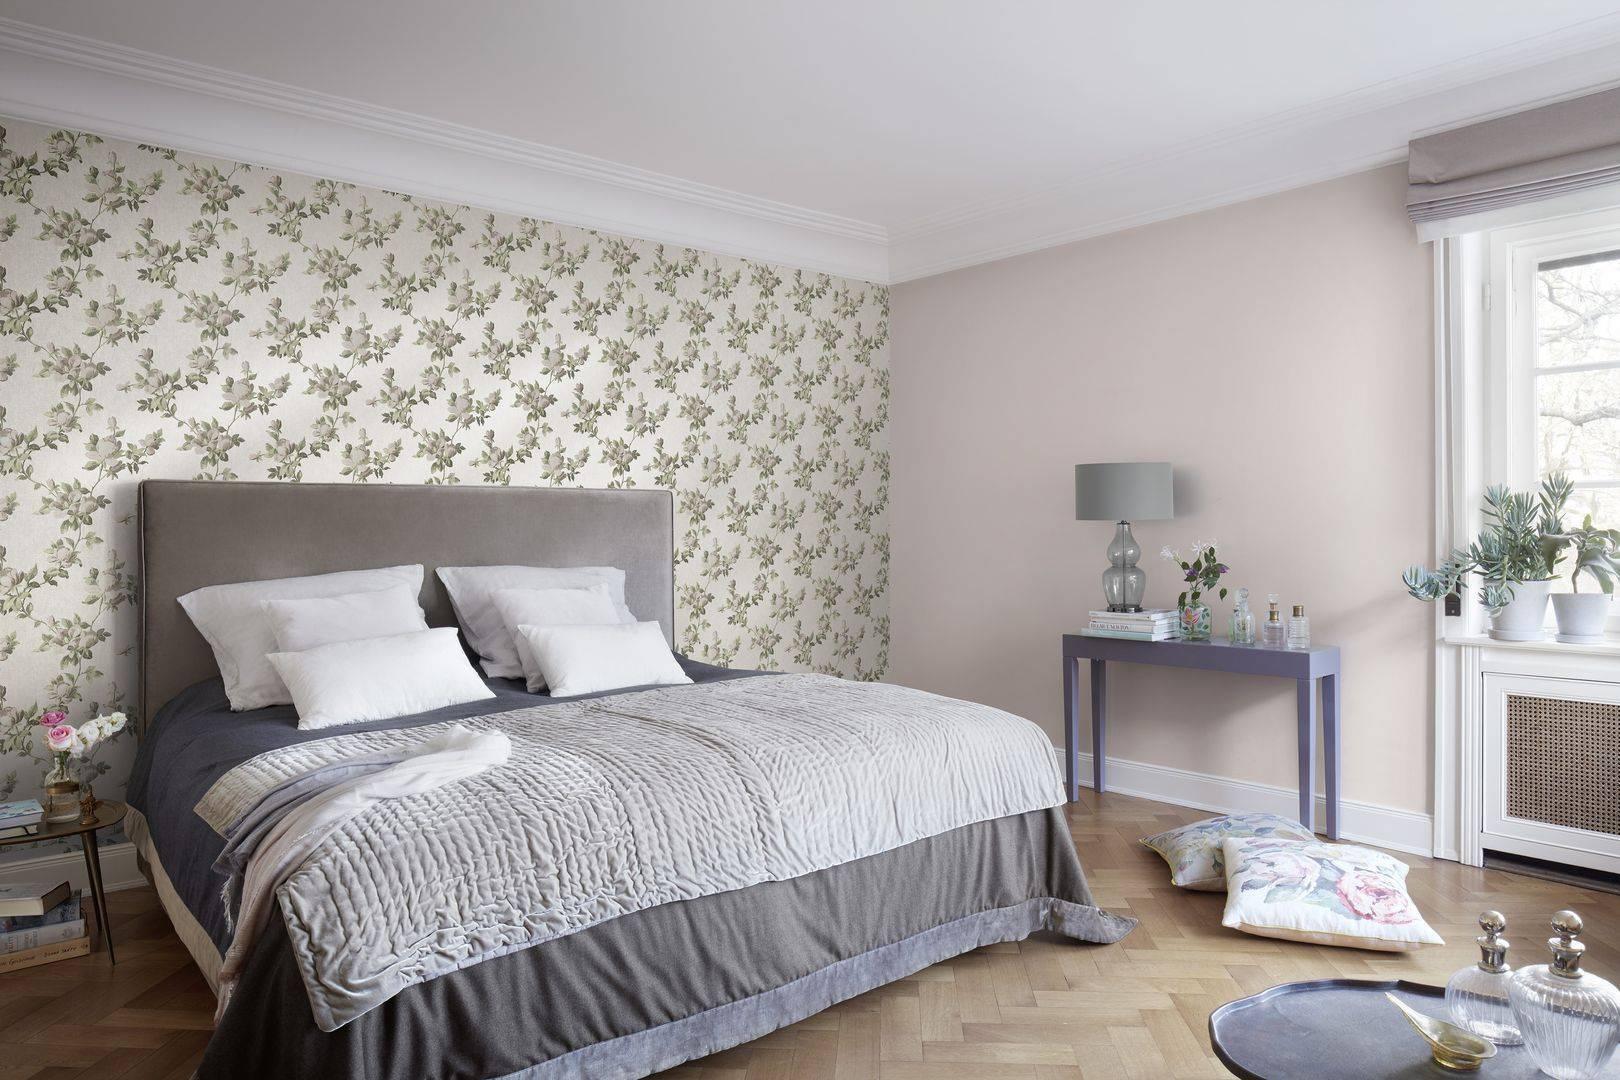 Обои для маленькой спальни (48 фото): дизайн интерьеров 2020, какие выбрать цвета в небольшую темную комнату и на южной стороне